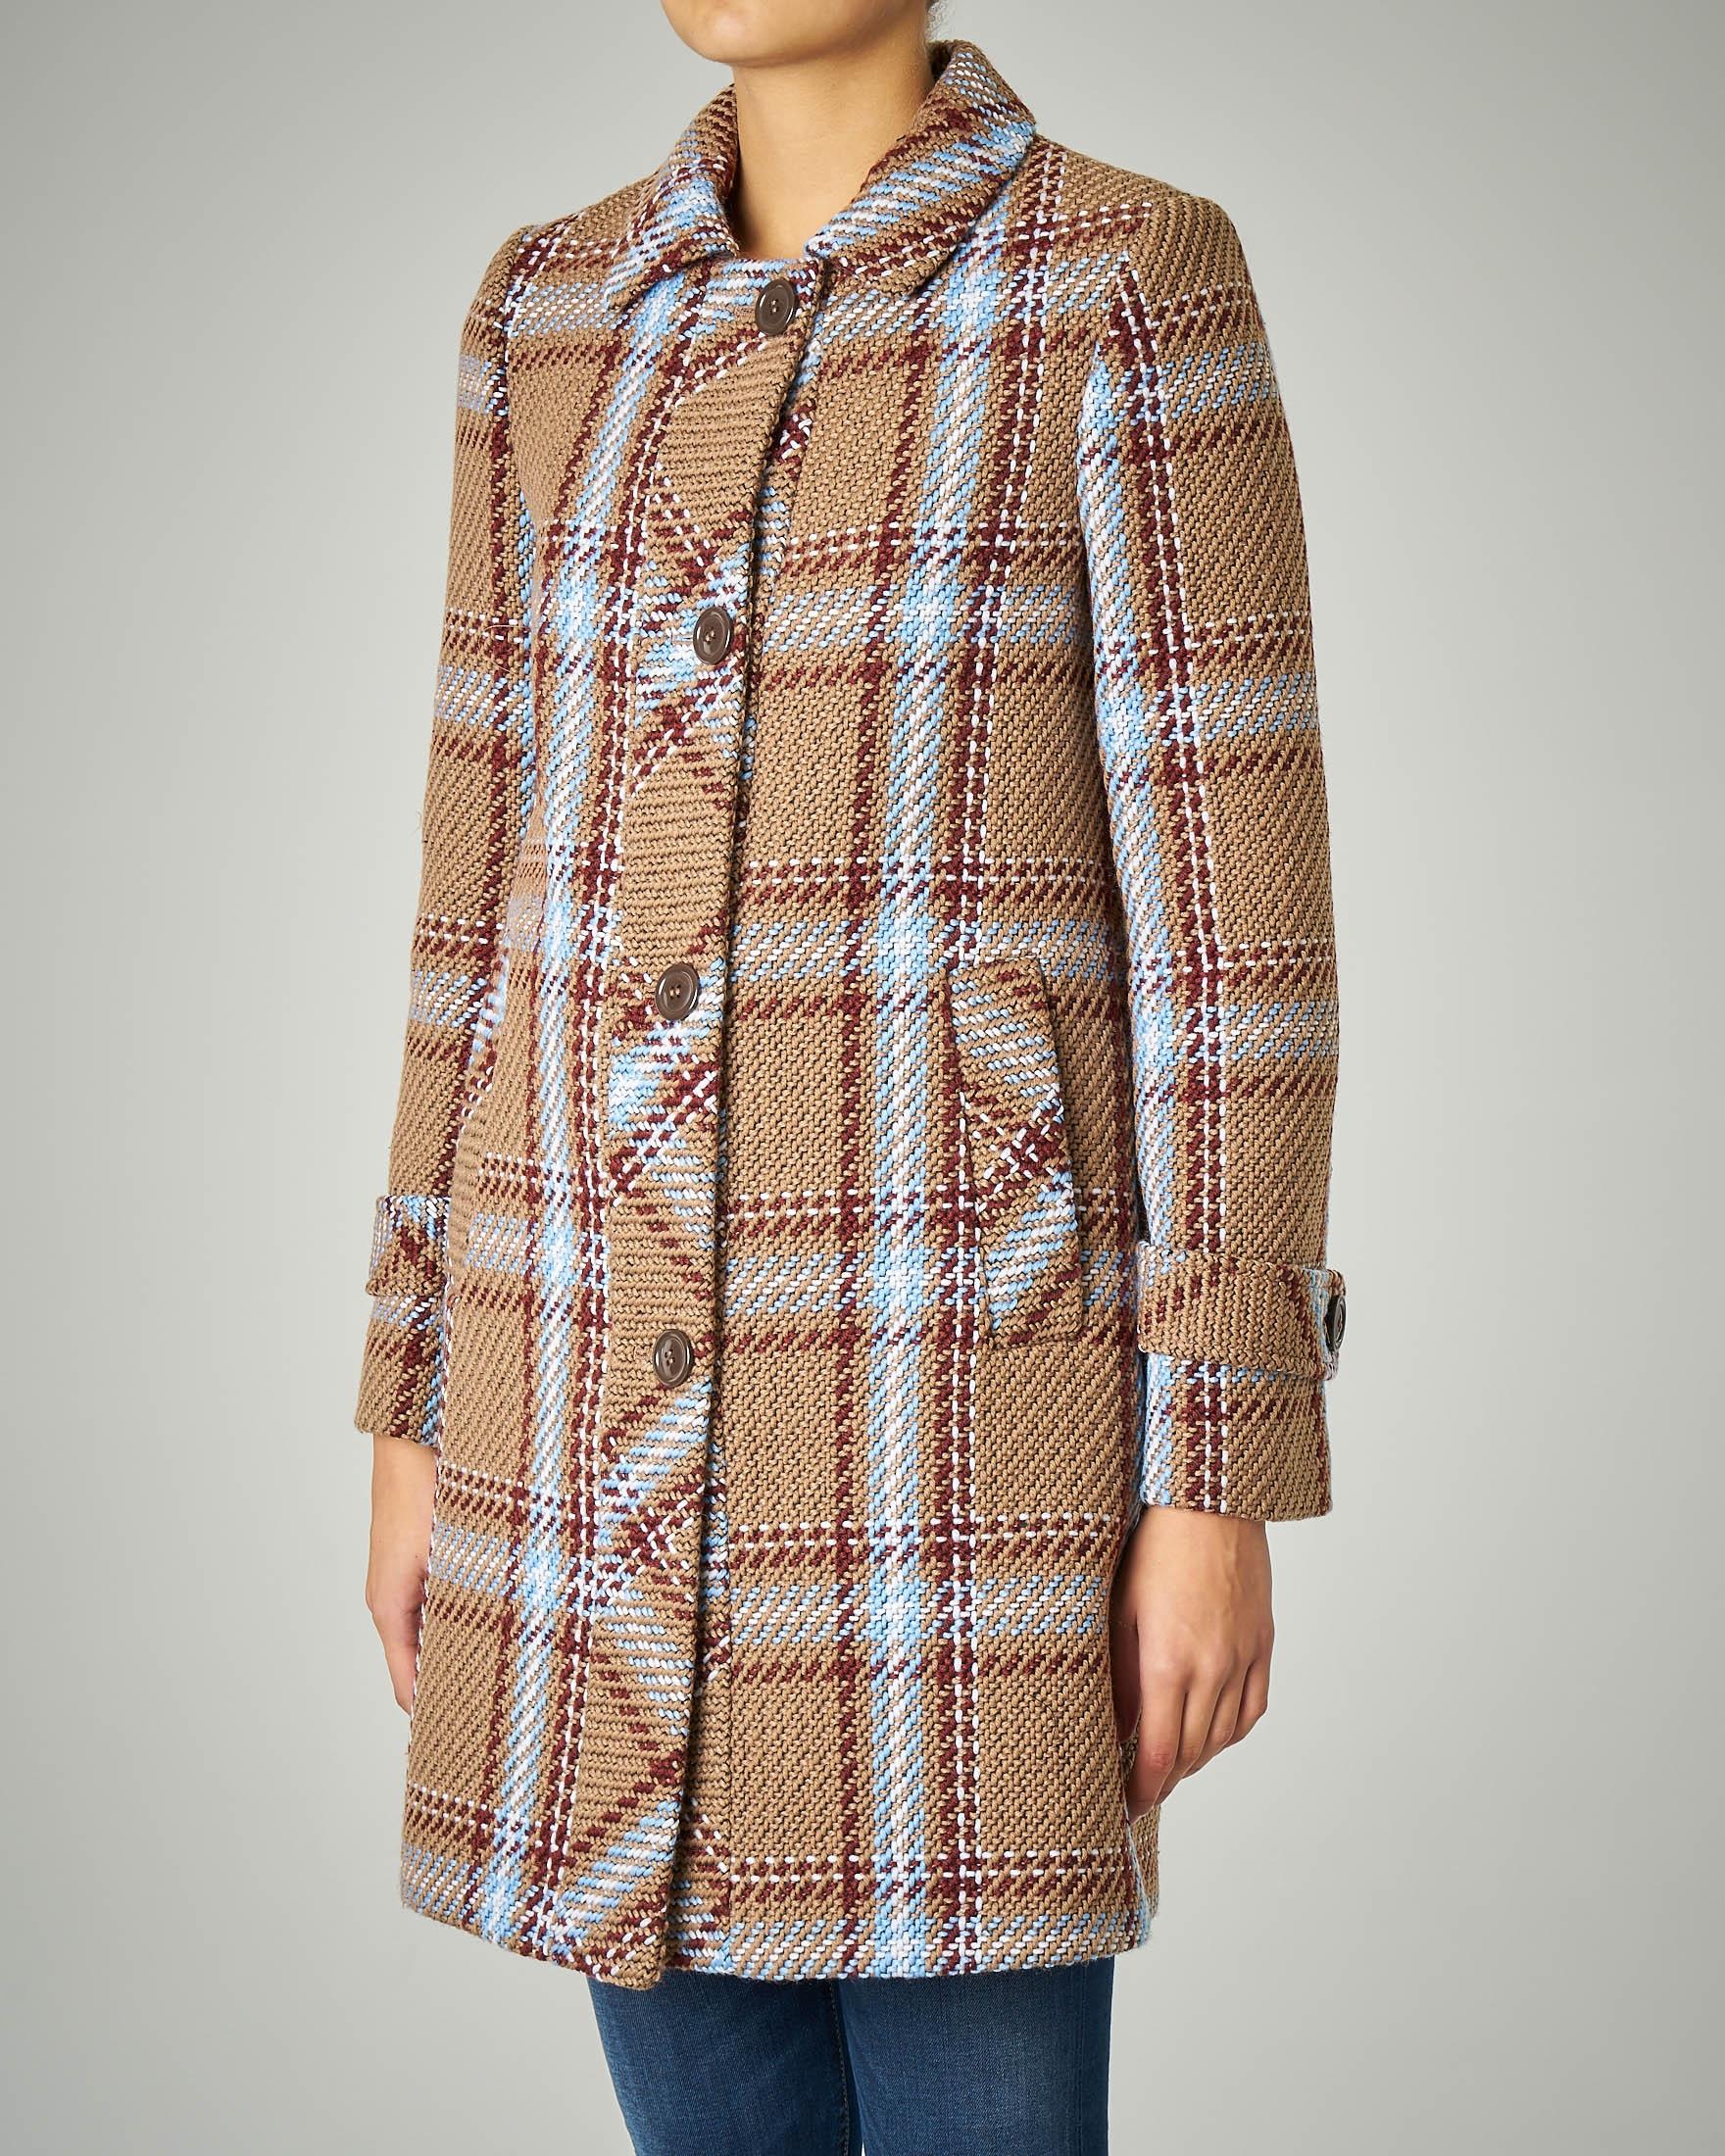 Cappotto cammello in misto lana fantasia check con inserti azzurri